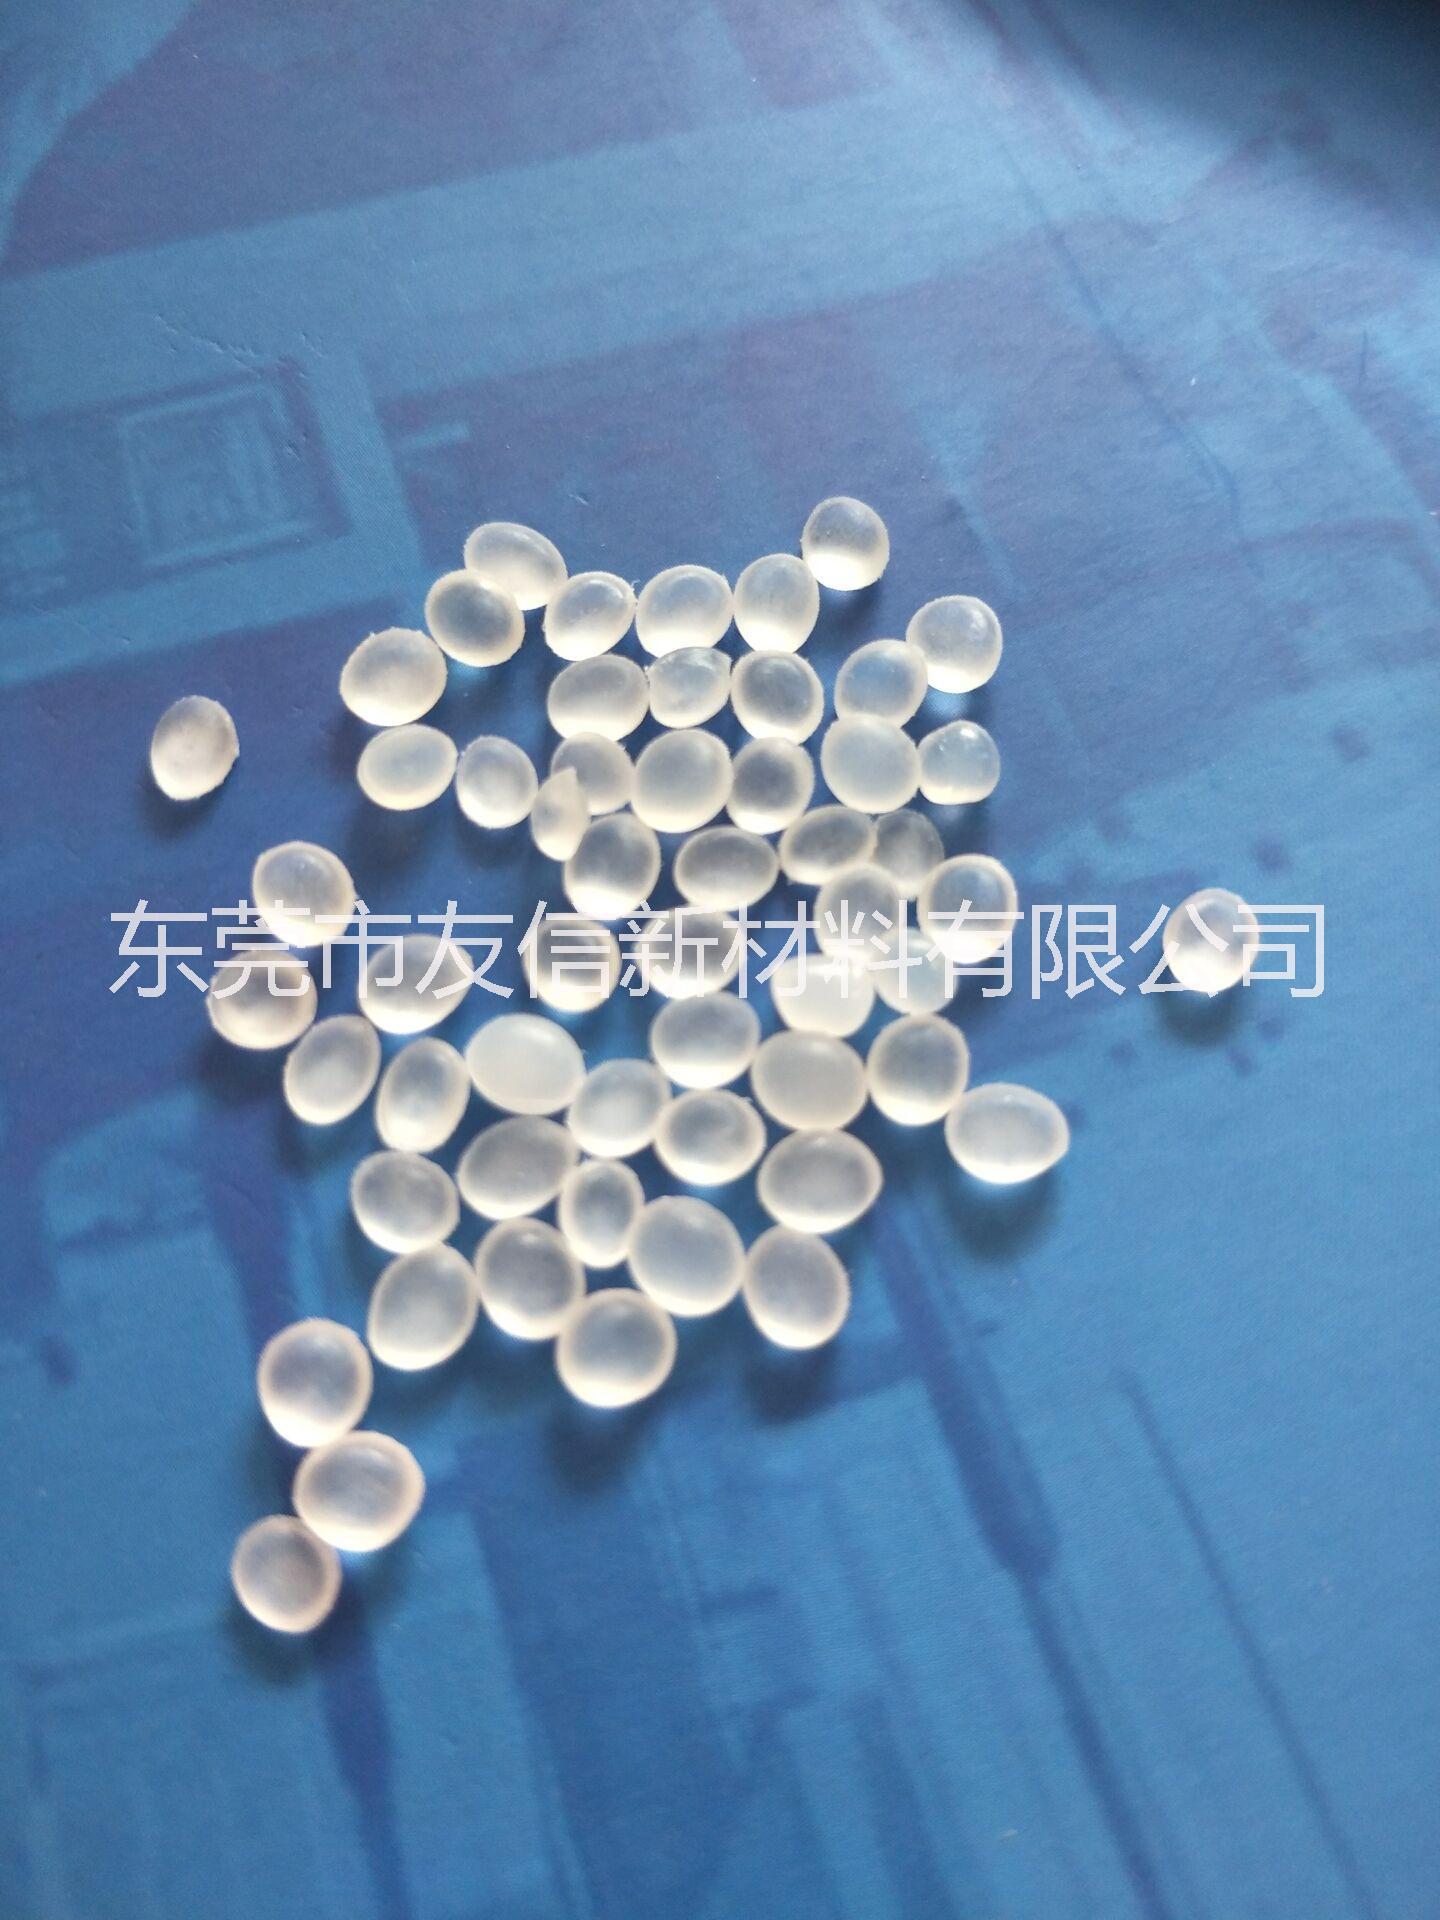 聚合物改性剂,增强韧性